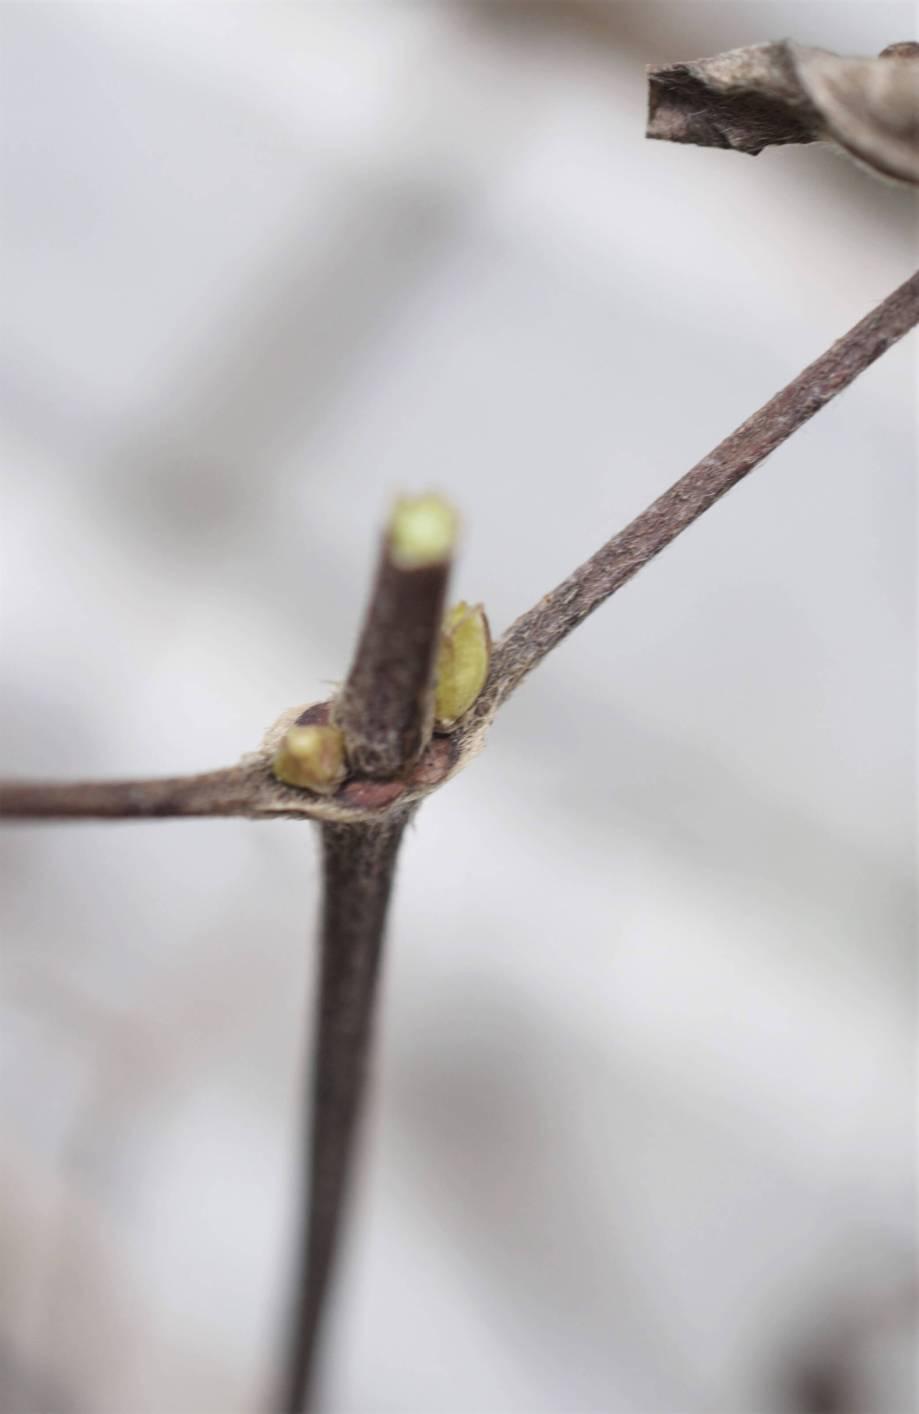 snyggt snitt nära bladknopparna